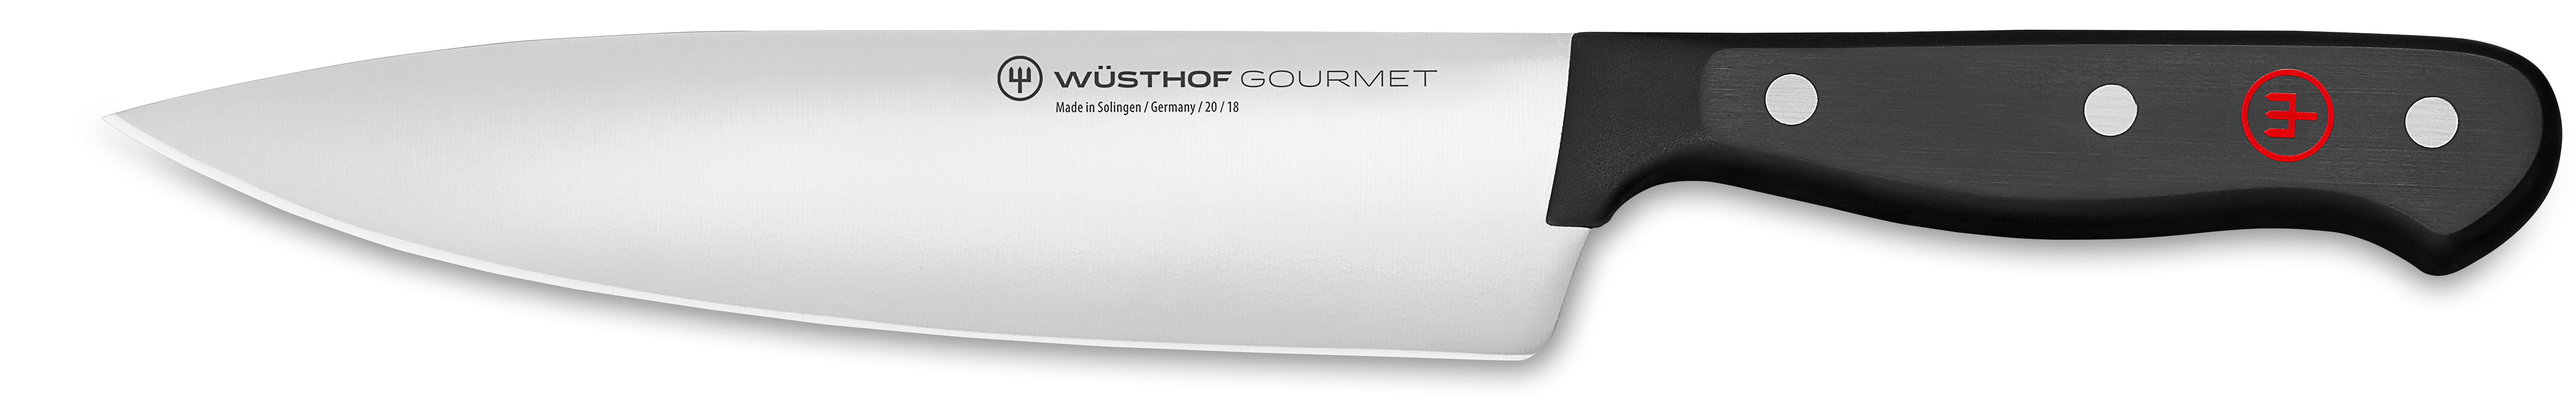 Wusthof Gourmet Cooks Knife 18cm